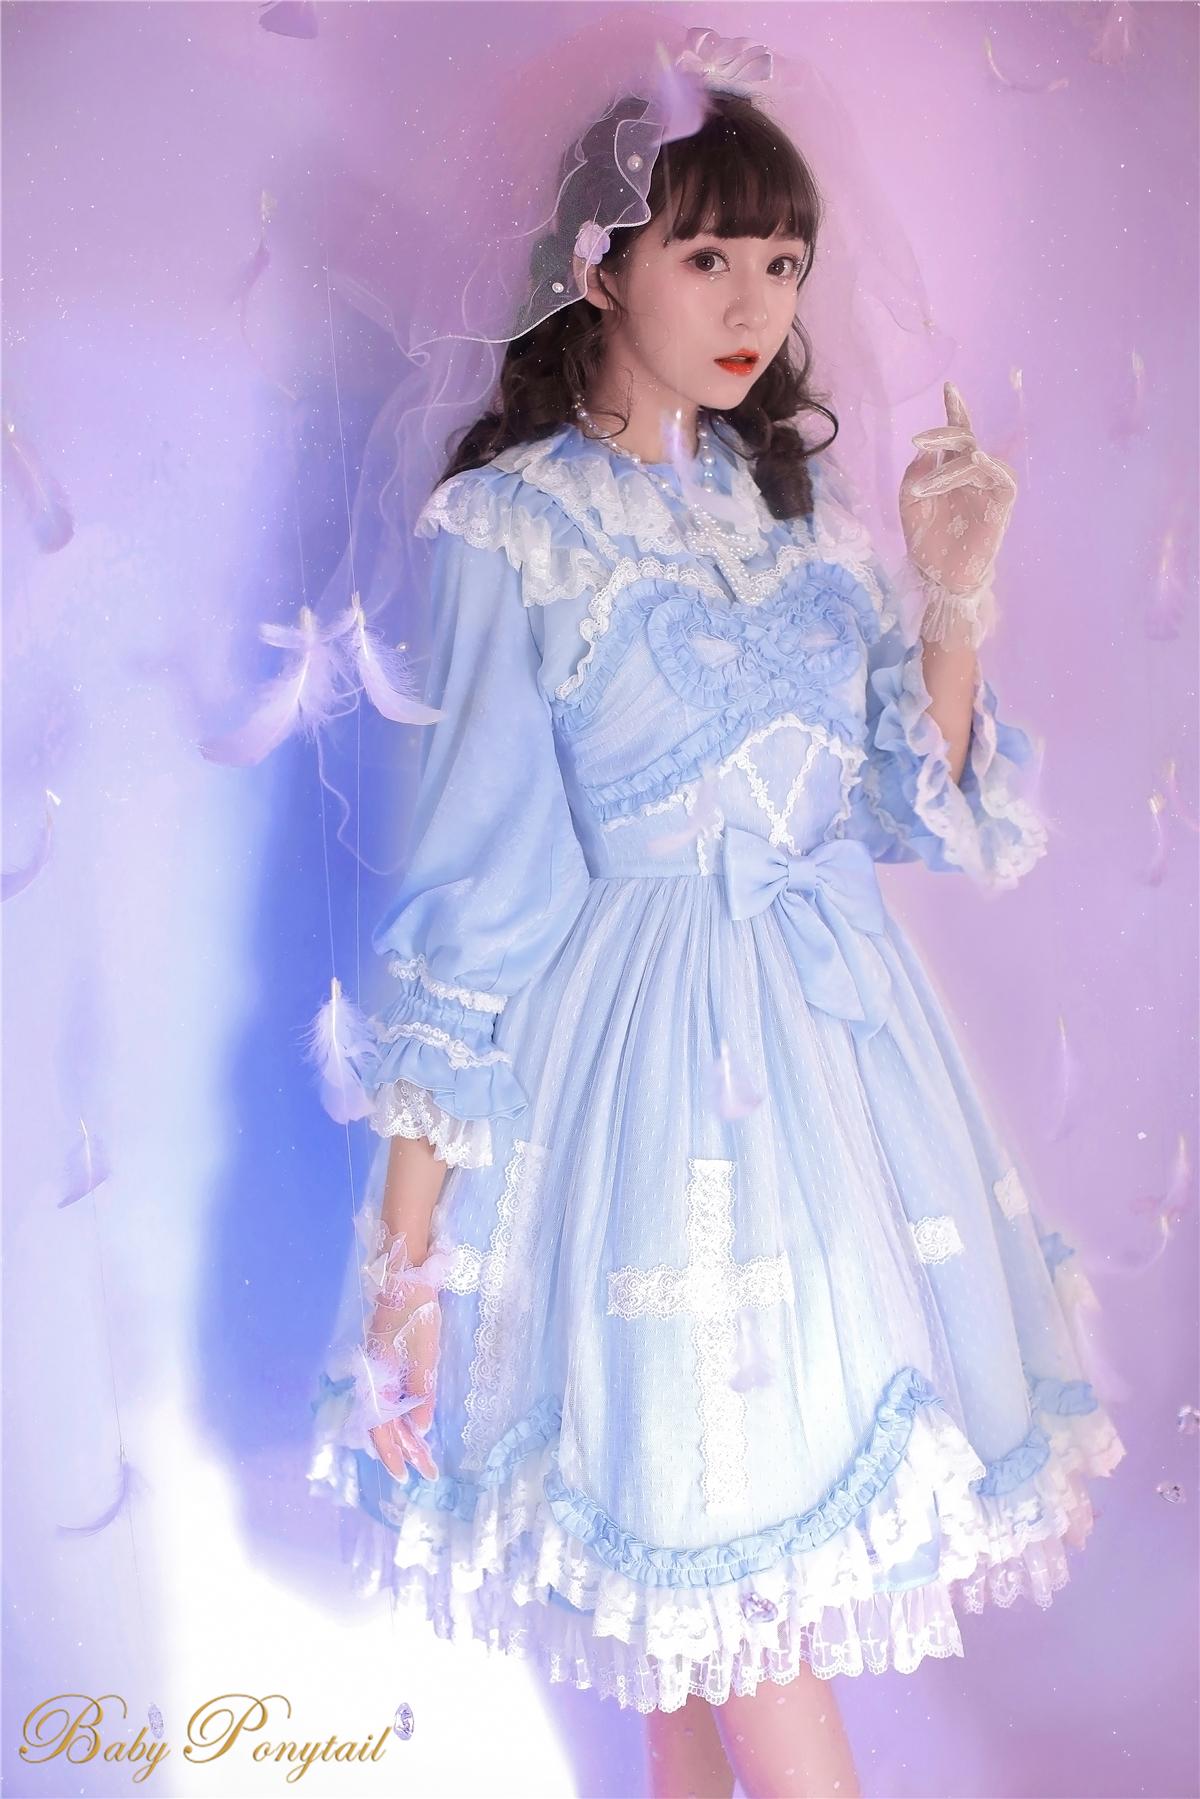 Babyponytail_Heavenly Teardrops_Model photo_JSK SAX_RUO QI_2.jpg